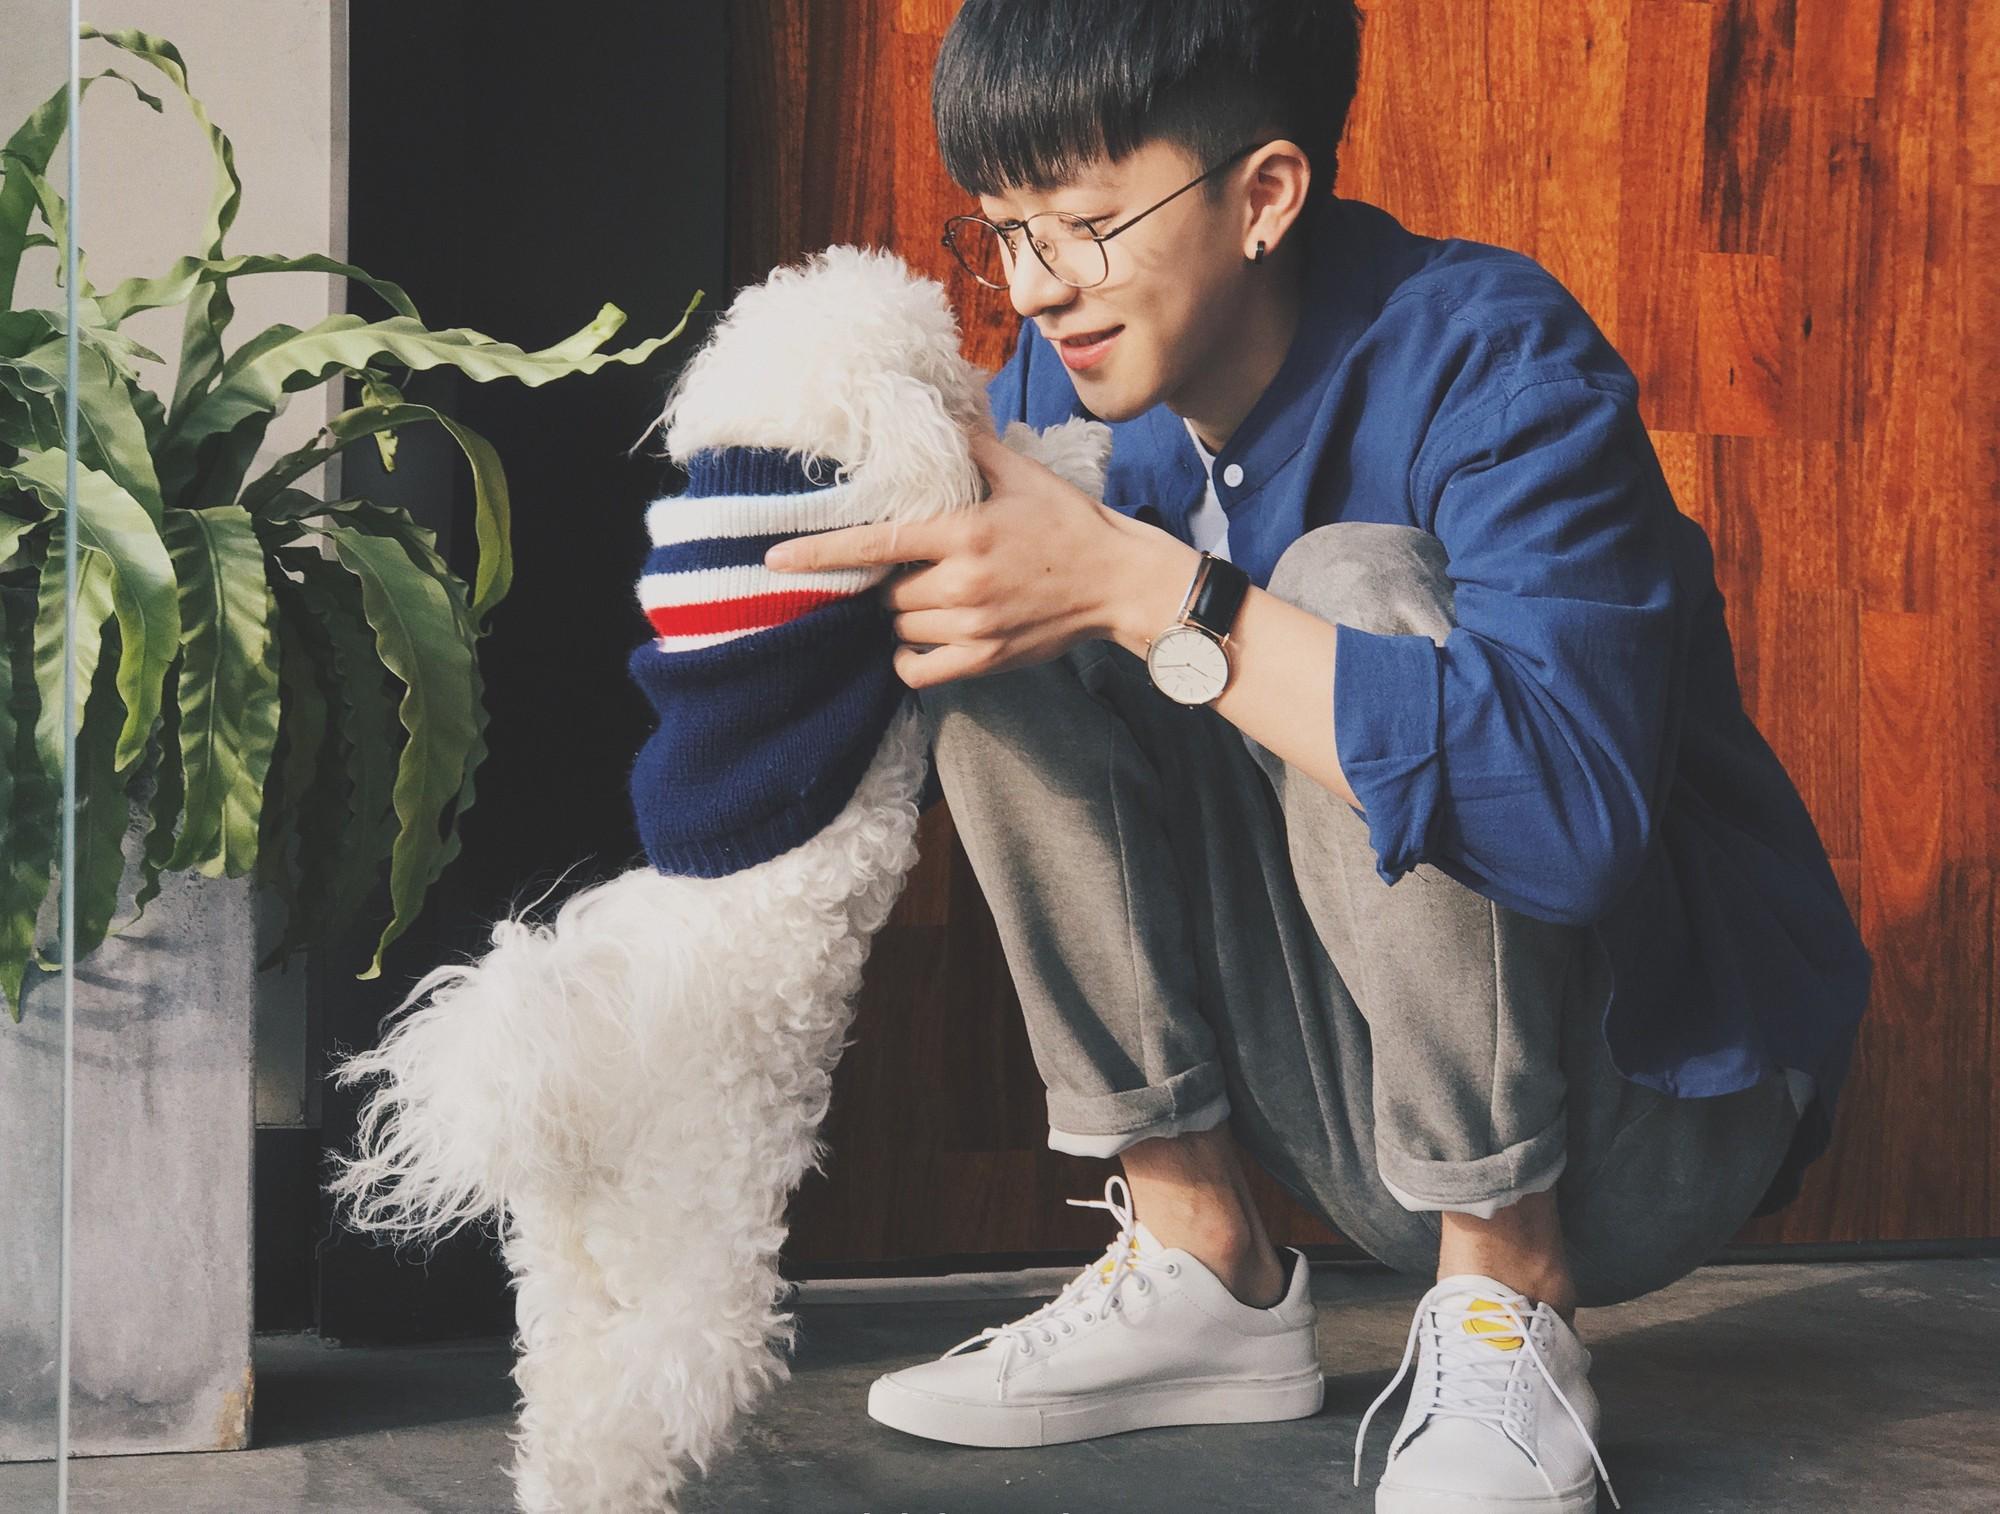 Con gái đua nhau ghim anh chủ shop Taobao đẹp trai hơn cả hot boy! - Ảnh 6.